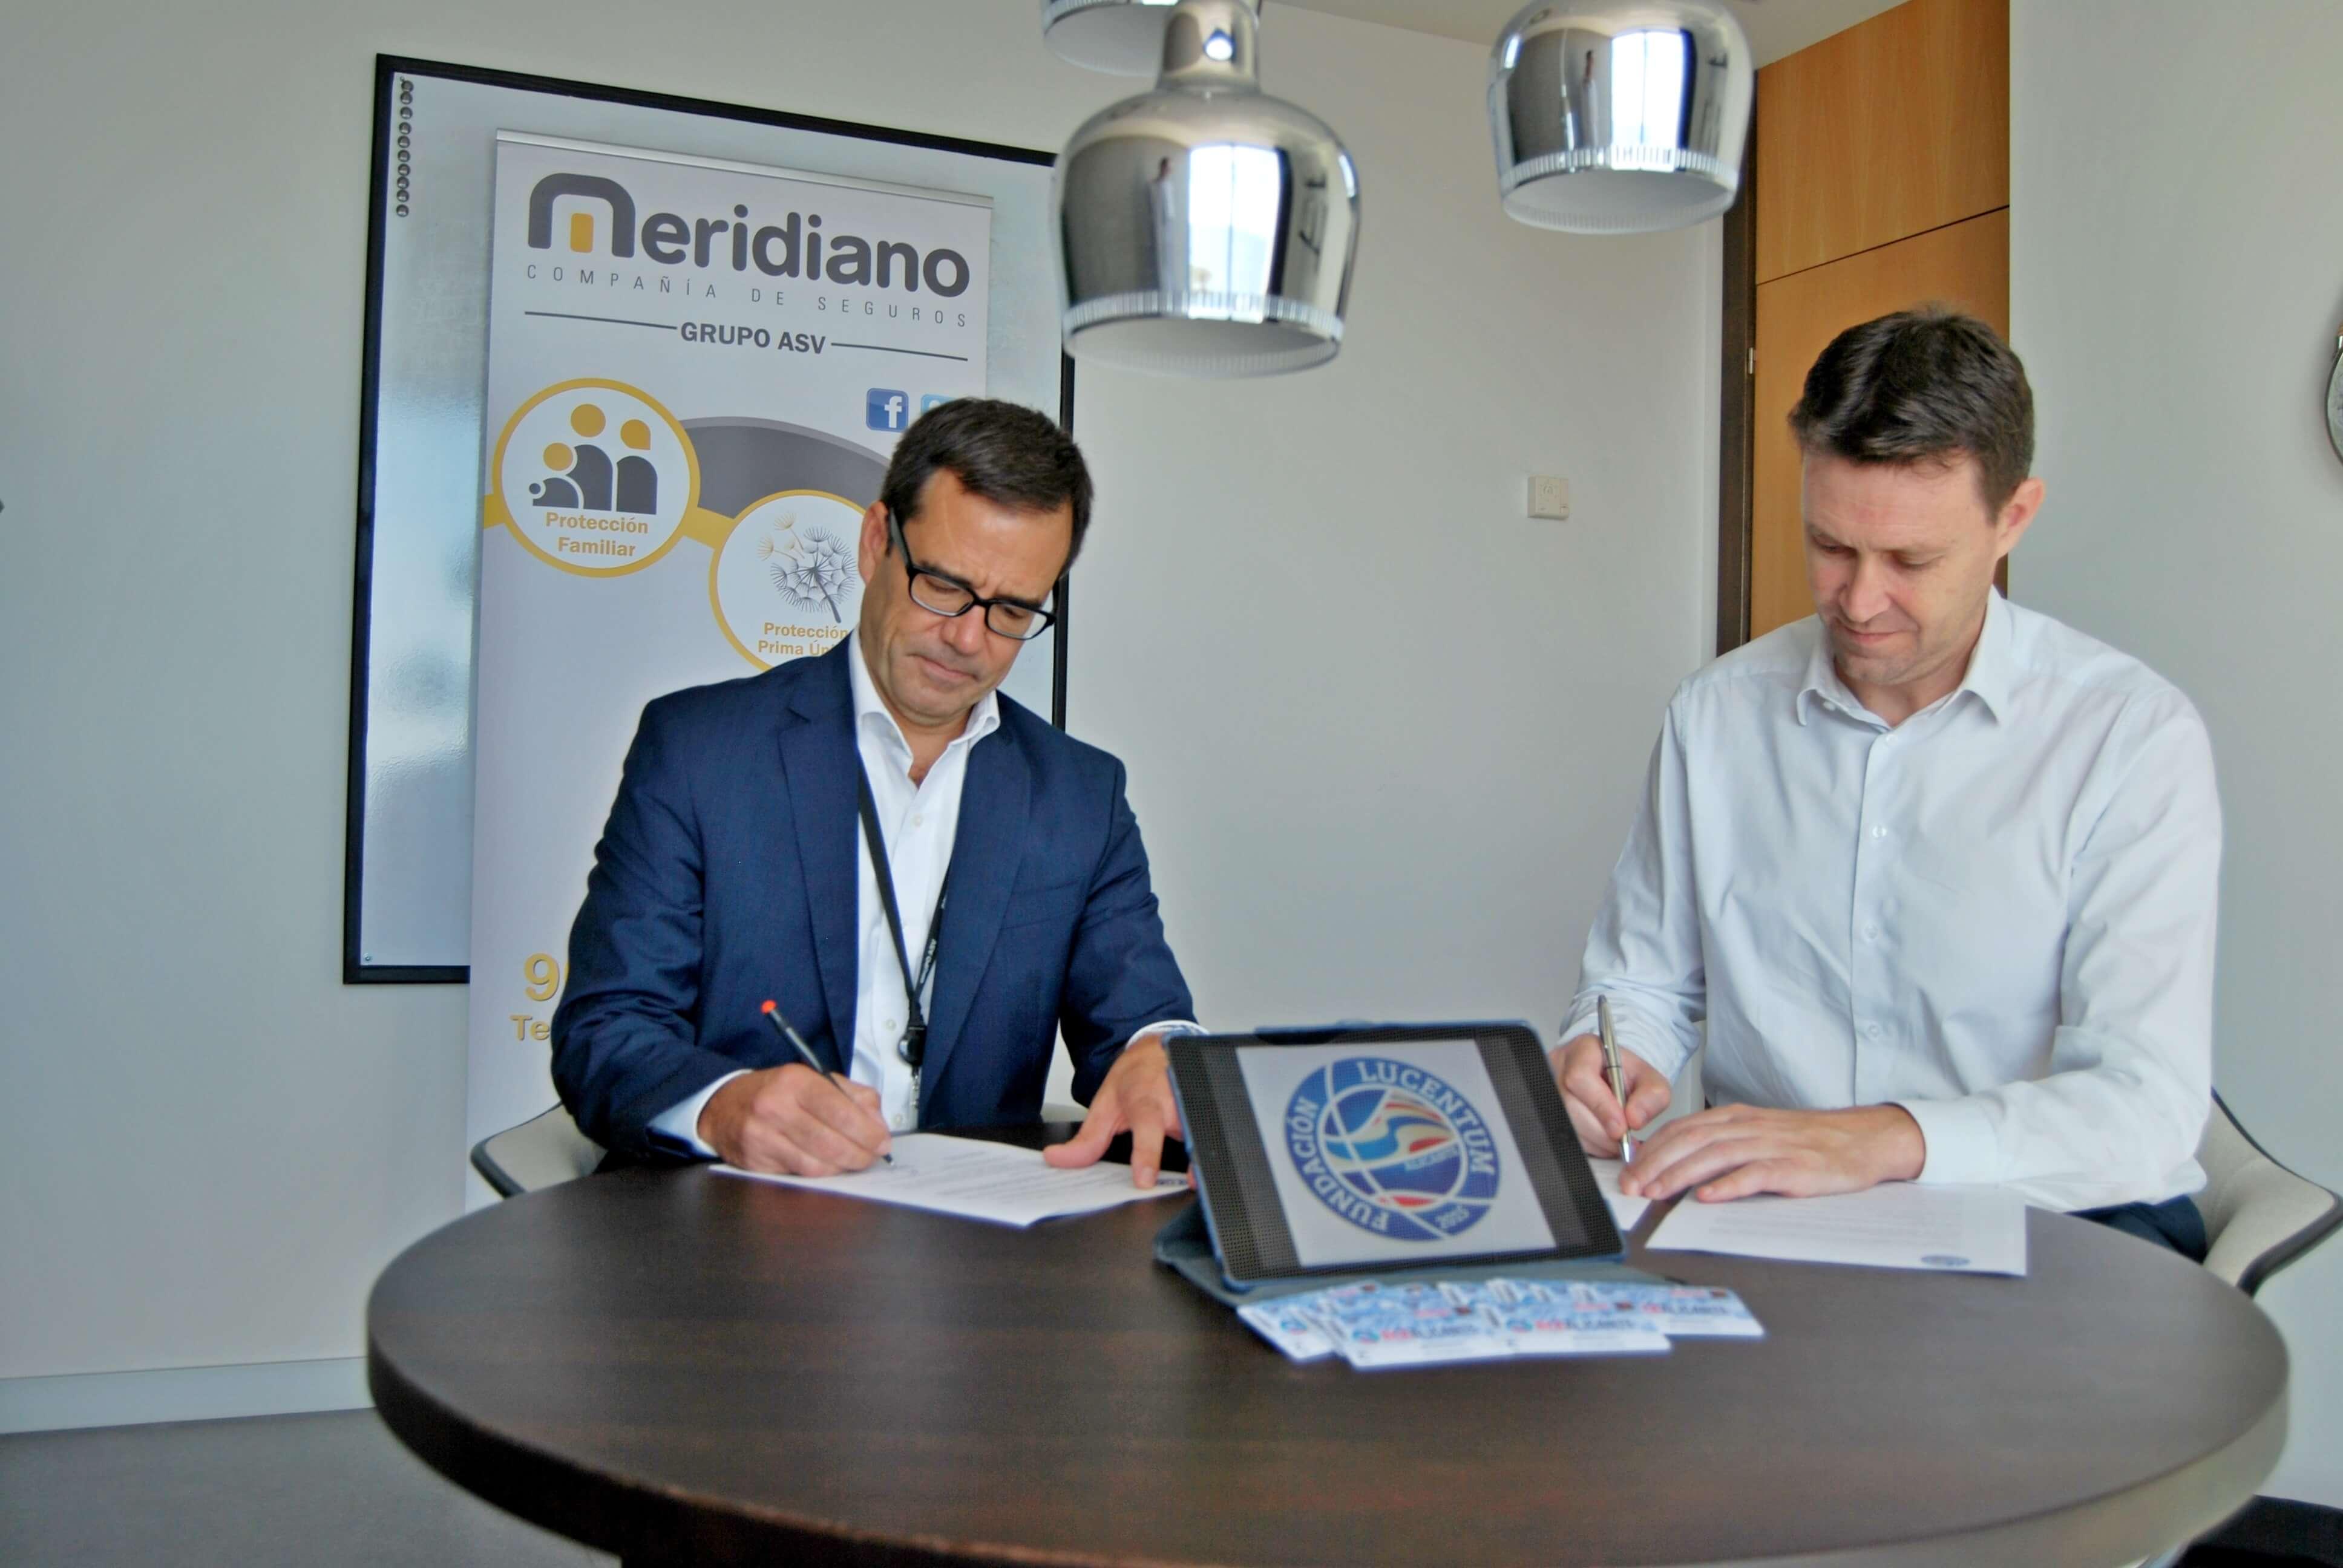 Meridiano renueva su compromiso como patrocinador de la Fundación Lucentum una temporada más